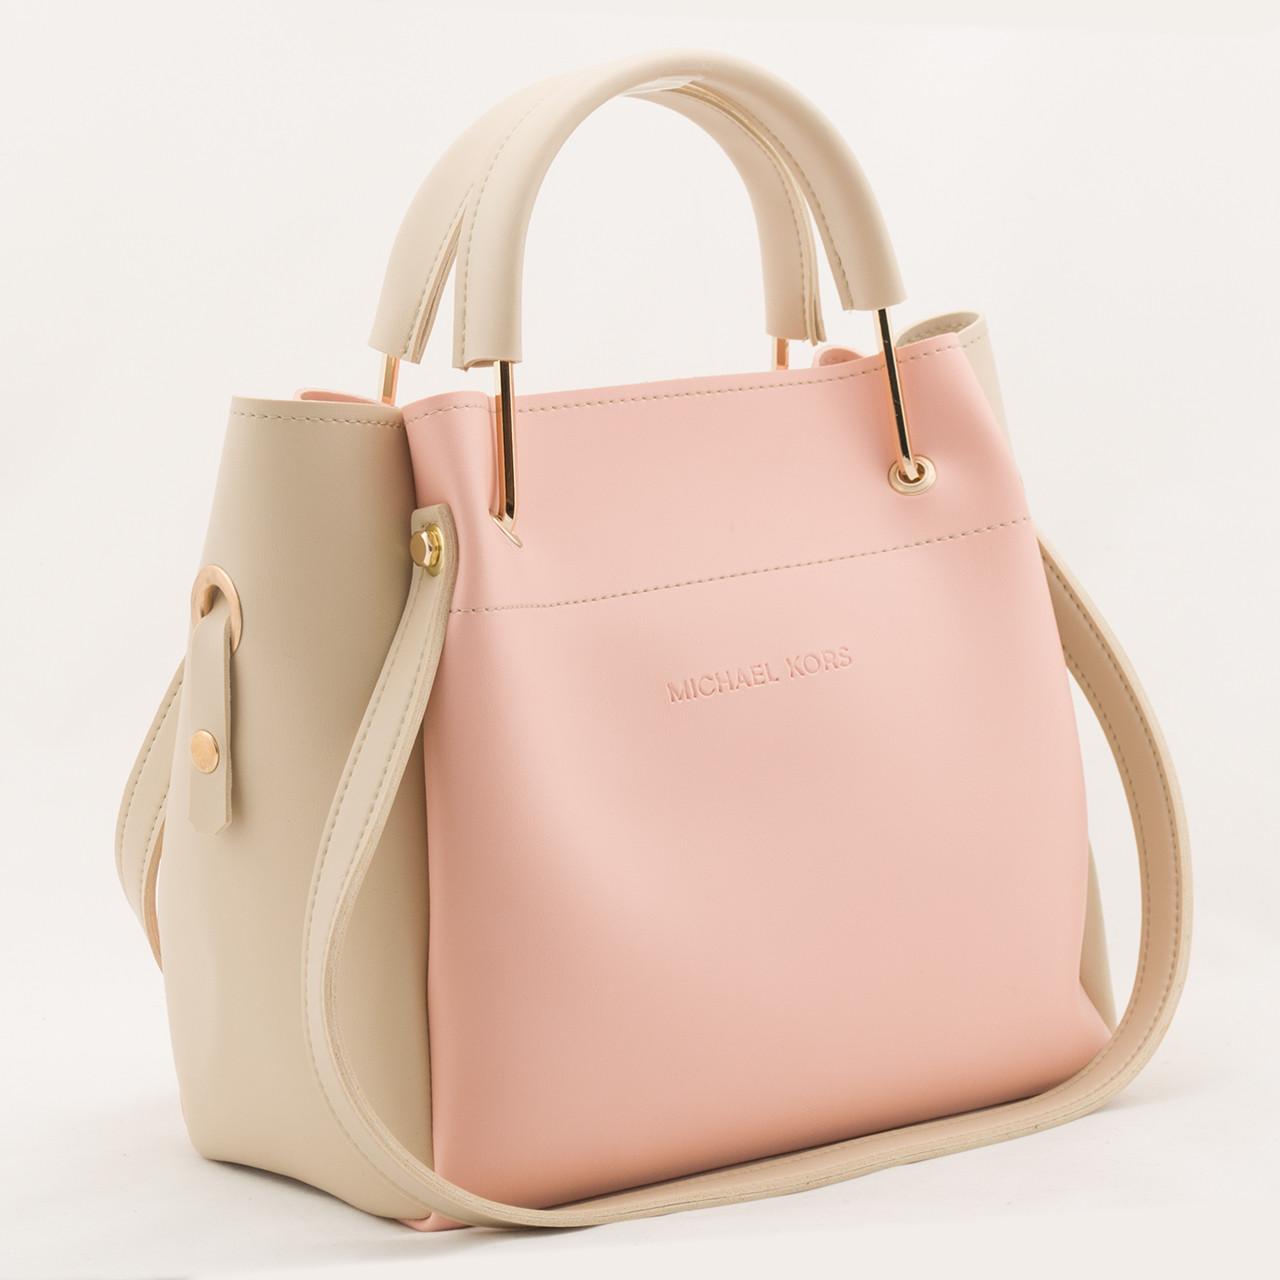 4f53ba88288b Женская сумка Michael Kors Medium (01642) - Express Market | Интернет  Магазин | ex